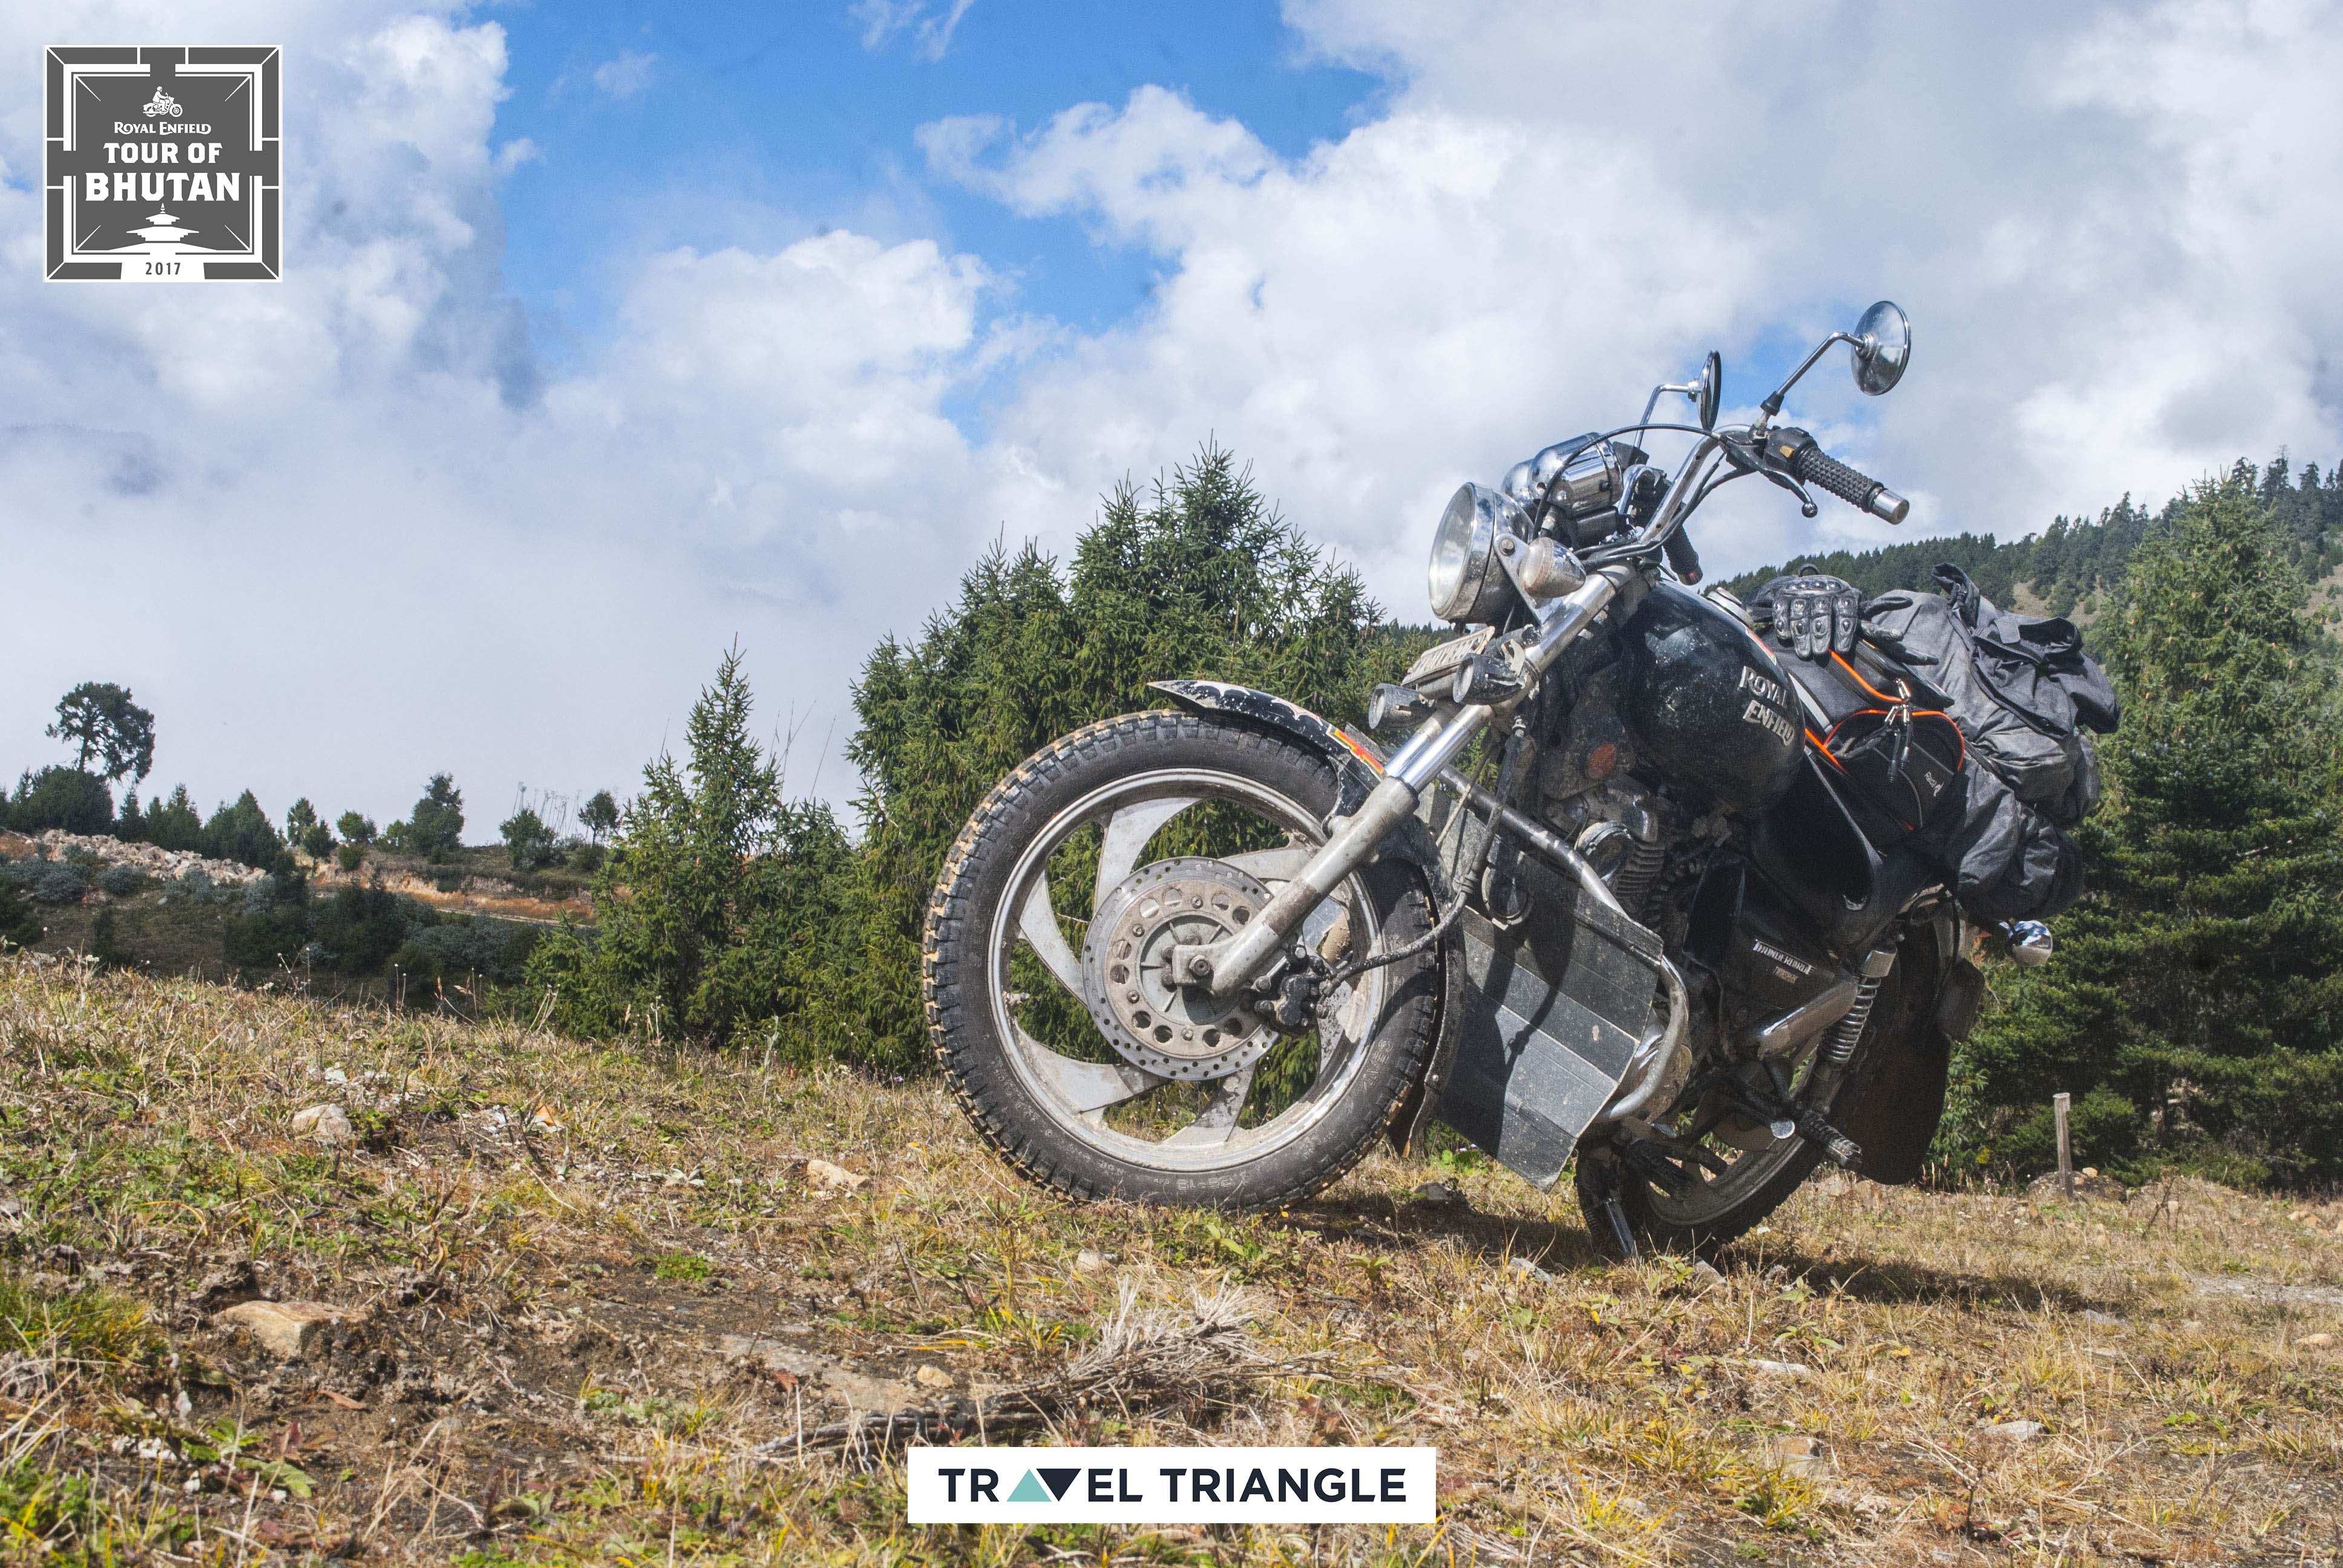 Bumthang to Mongar: siddharth's bike